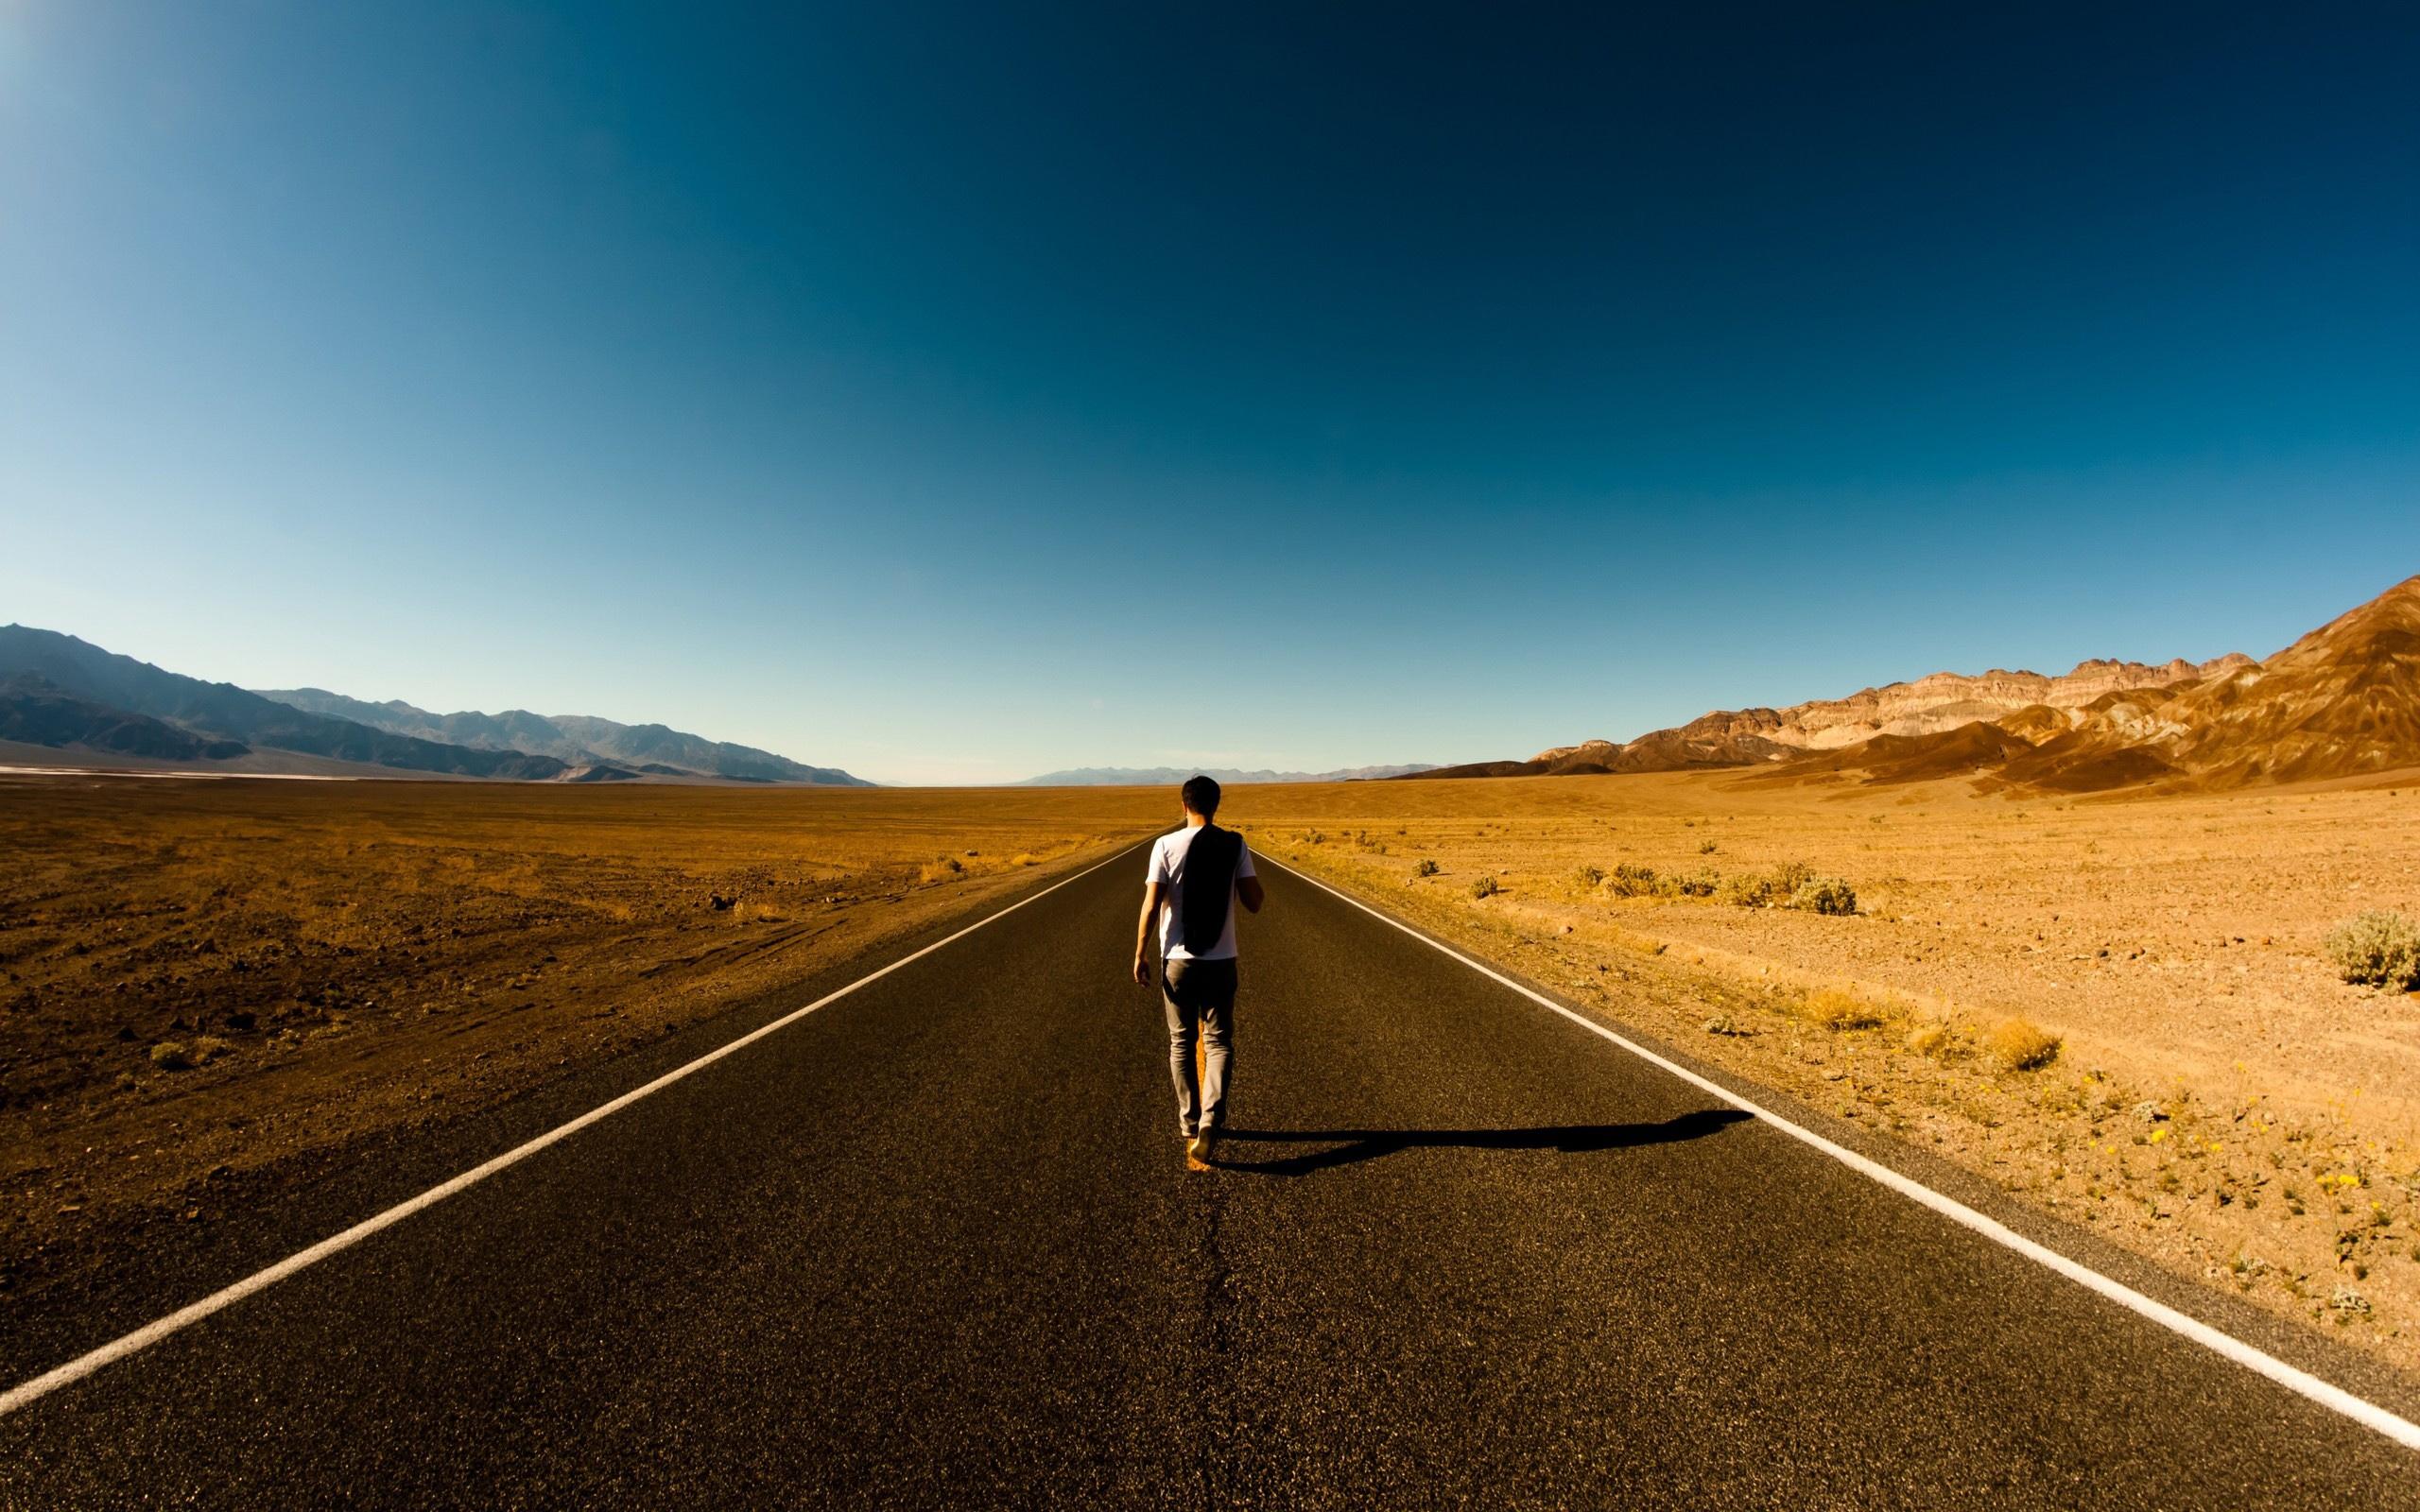 привести нужный я выбираю путь одиночества картинка только занимался, исправно